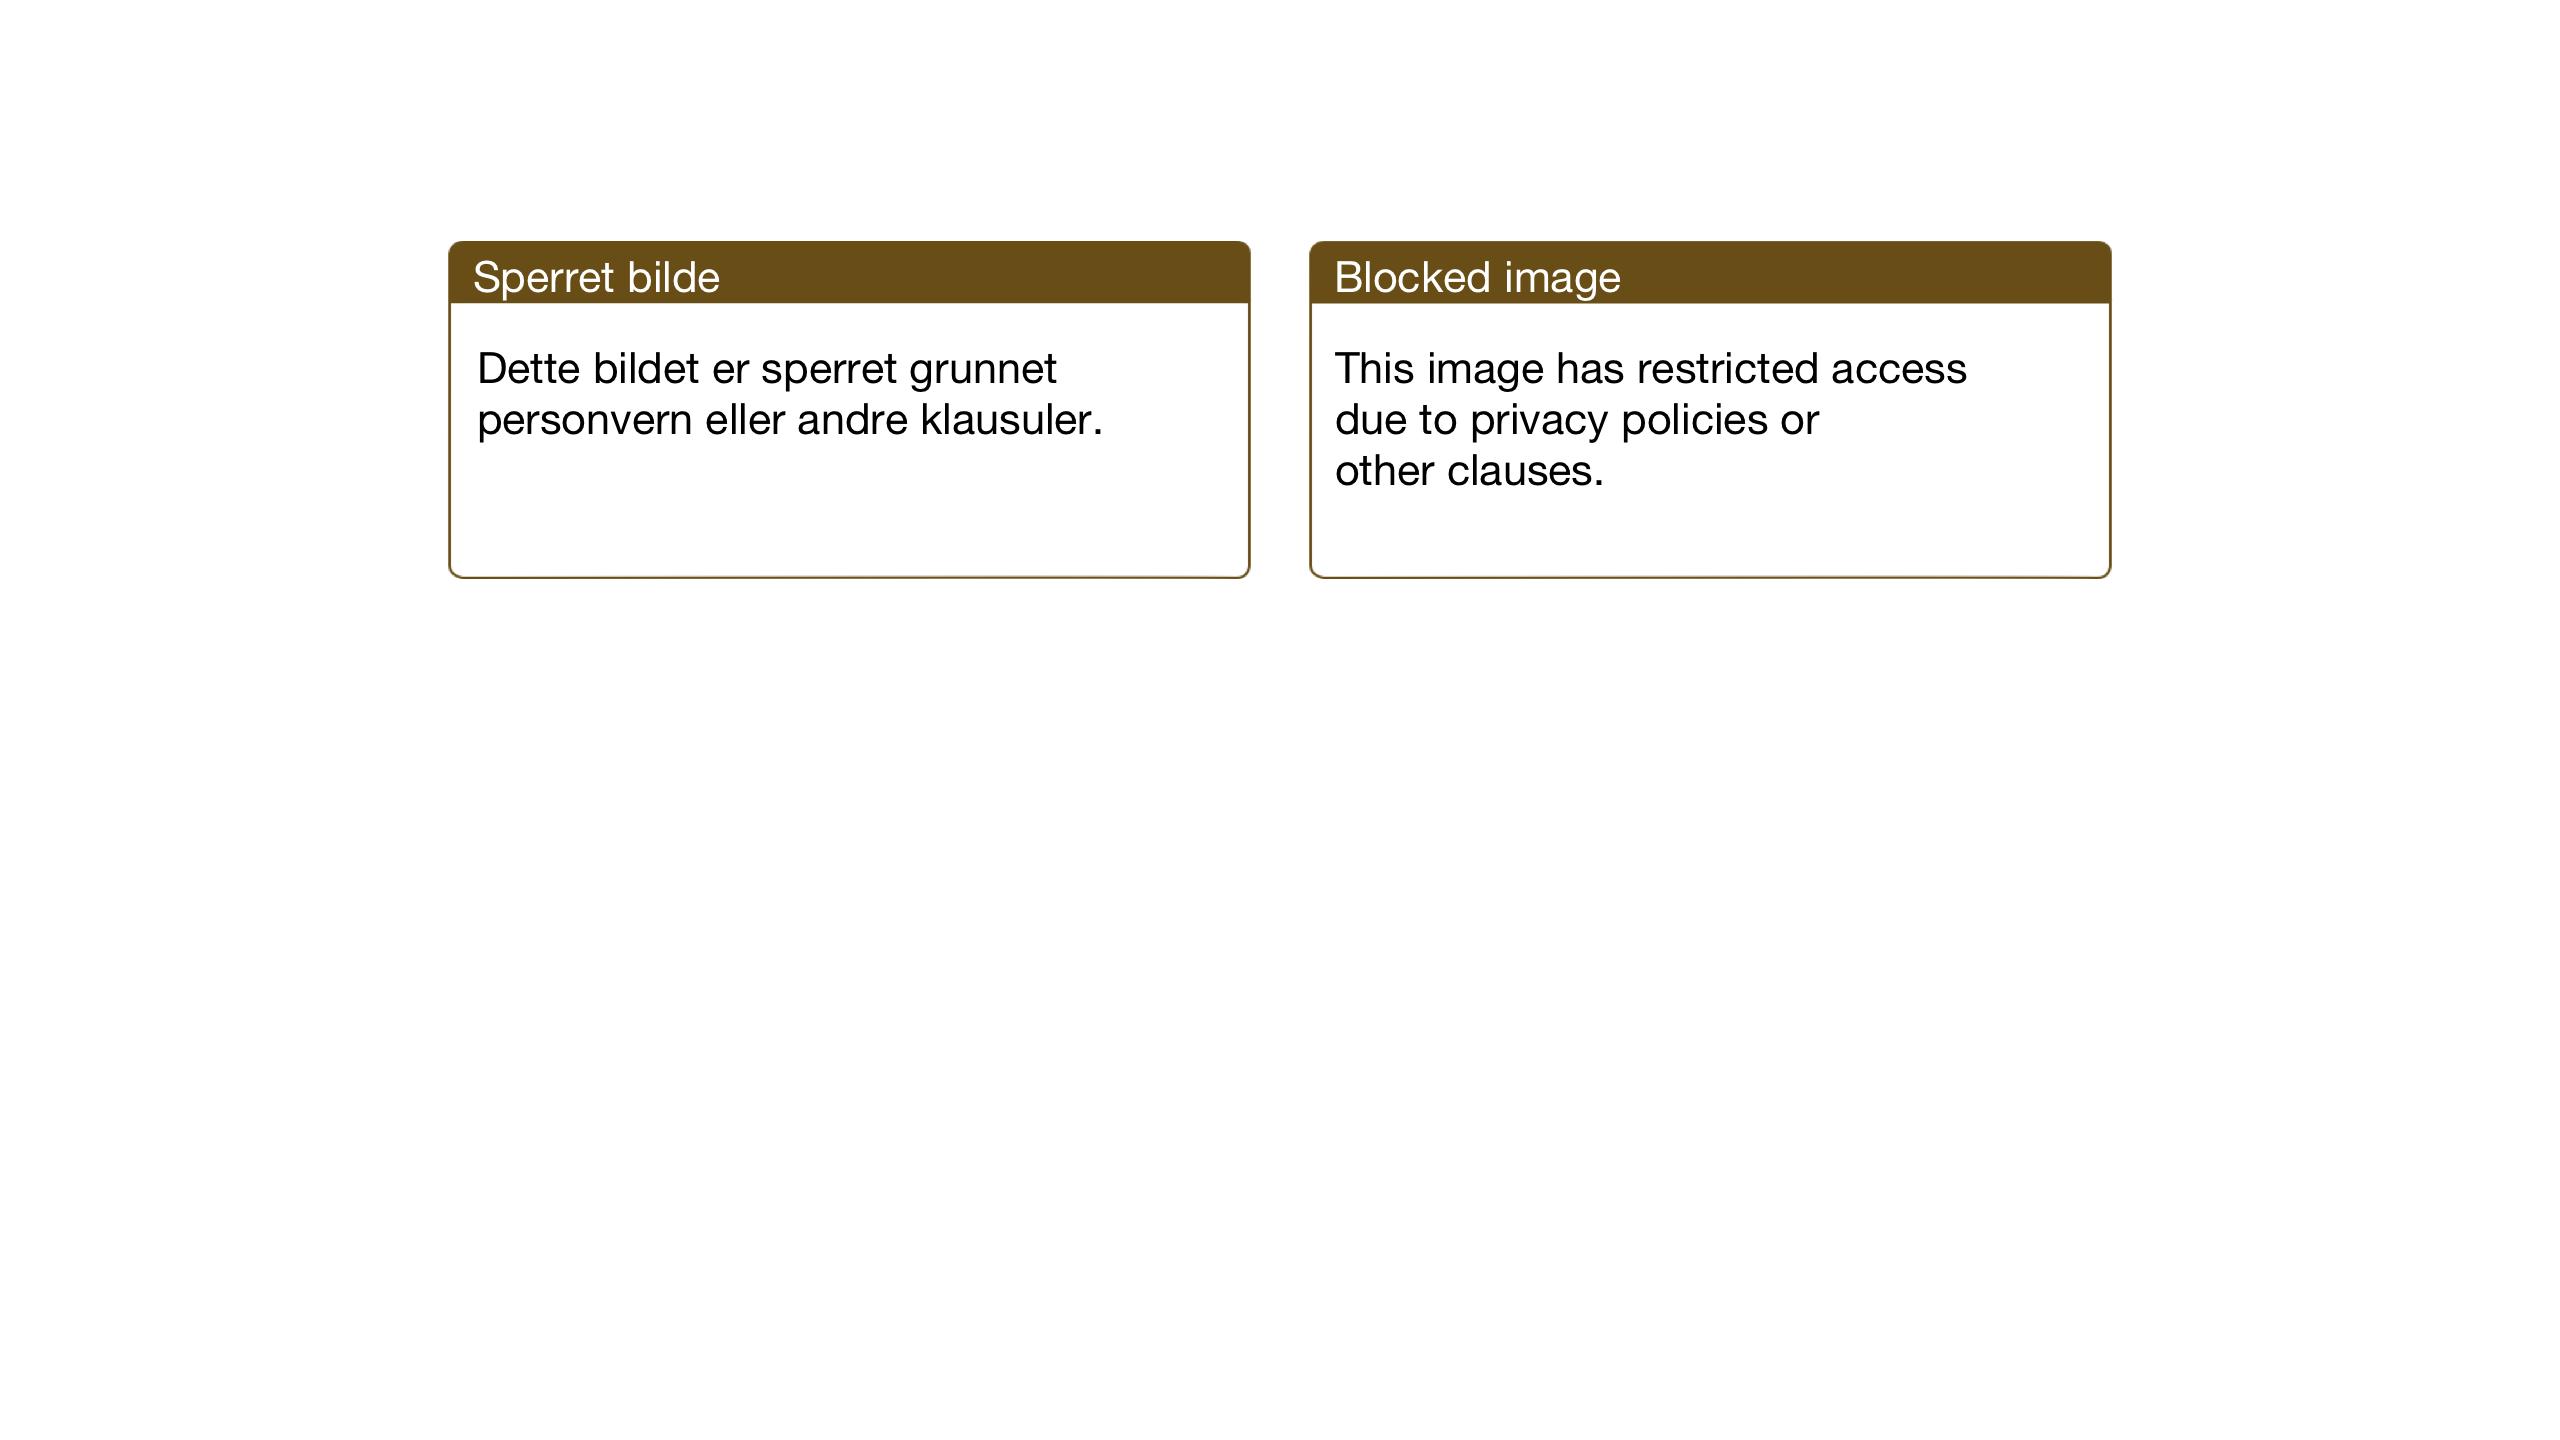 SAT, Ministerialprotokoller, klokkerbøker og fødselsregistre - Sør-Trøndelag, 659/L0750: Klokkerbok nr. 659C07, 1914-1940, s. 17